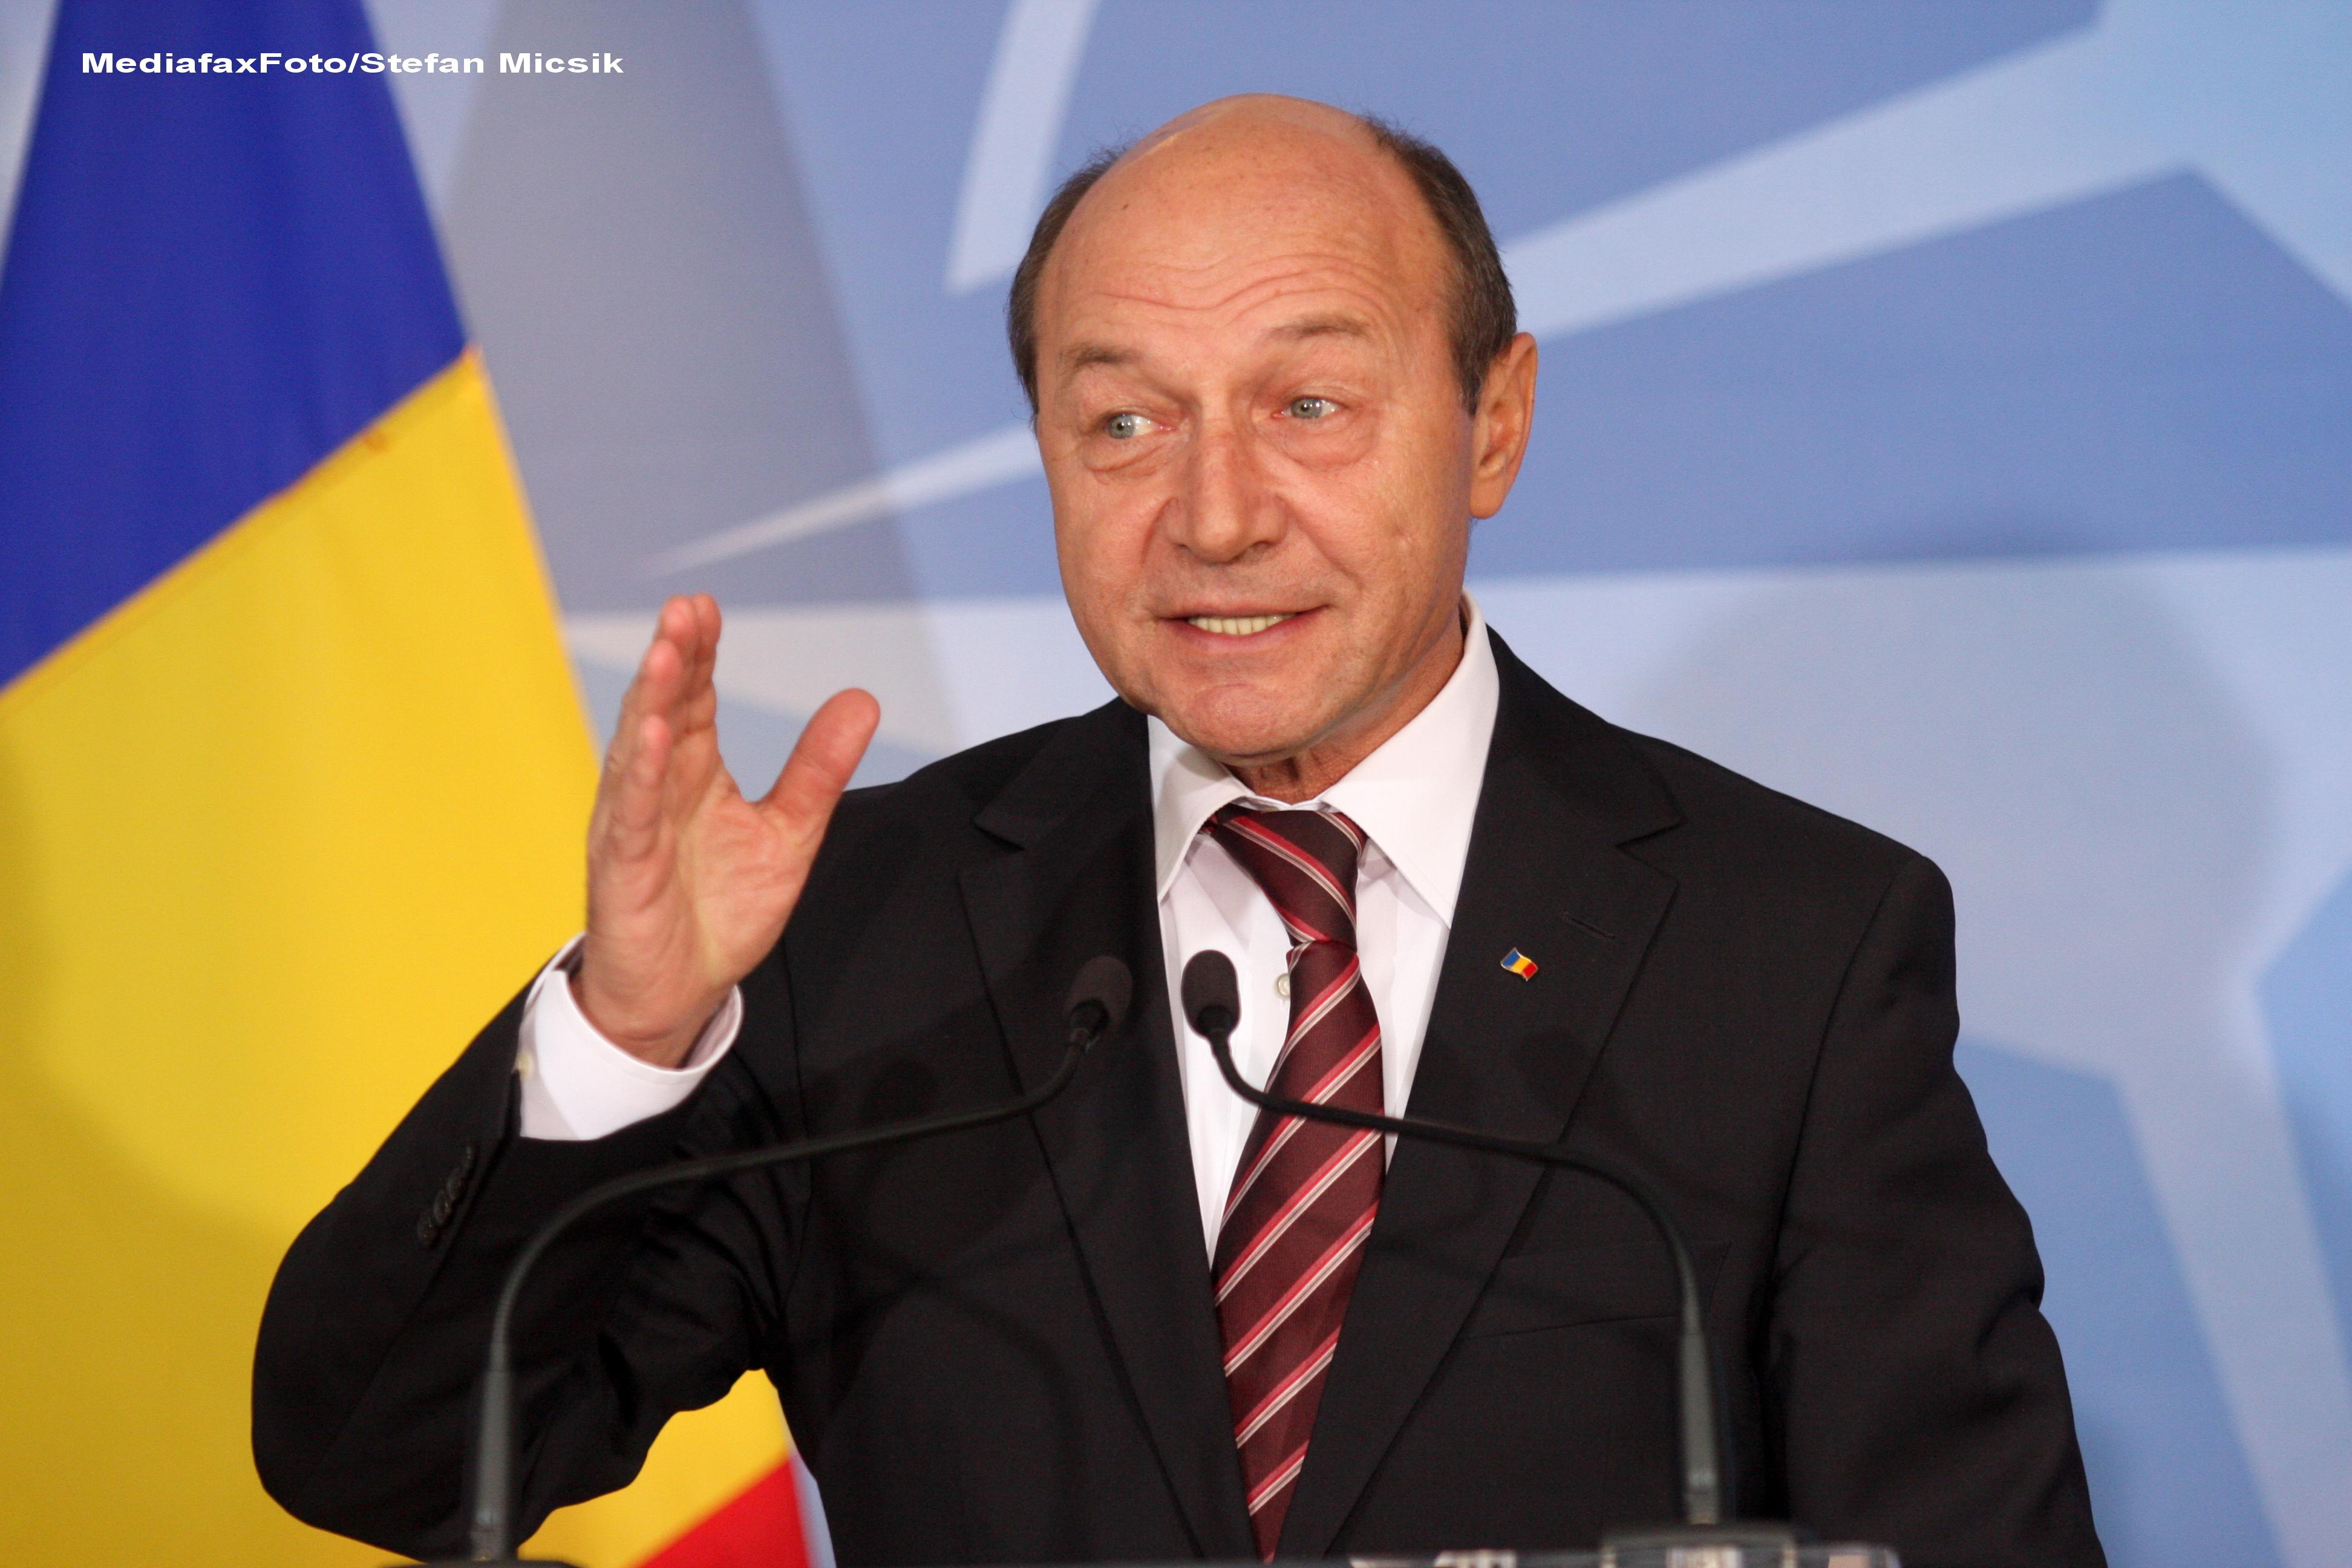 Basescu: Toti cei care au venit sa ceara votul sunt parte a unei inselatorii, mai ales cei la putere